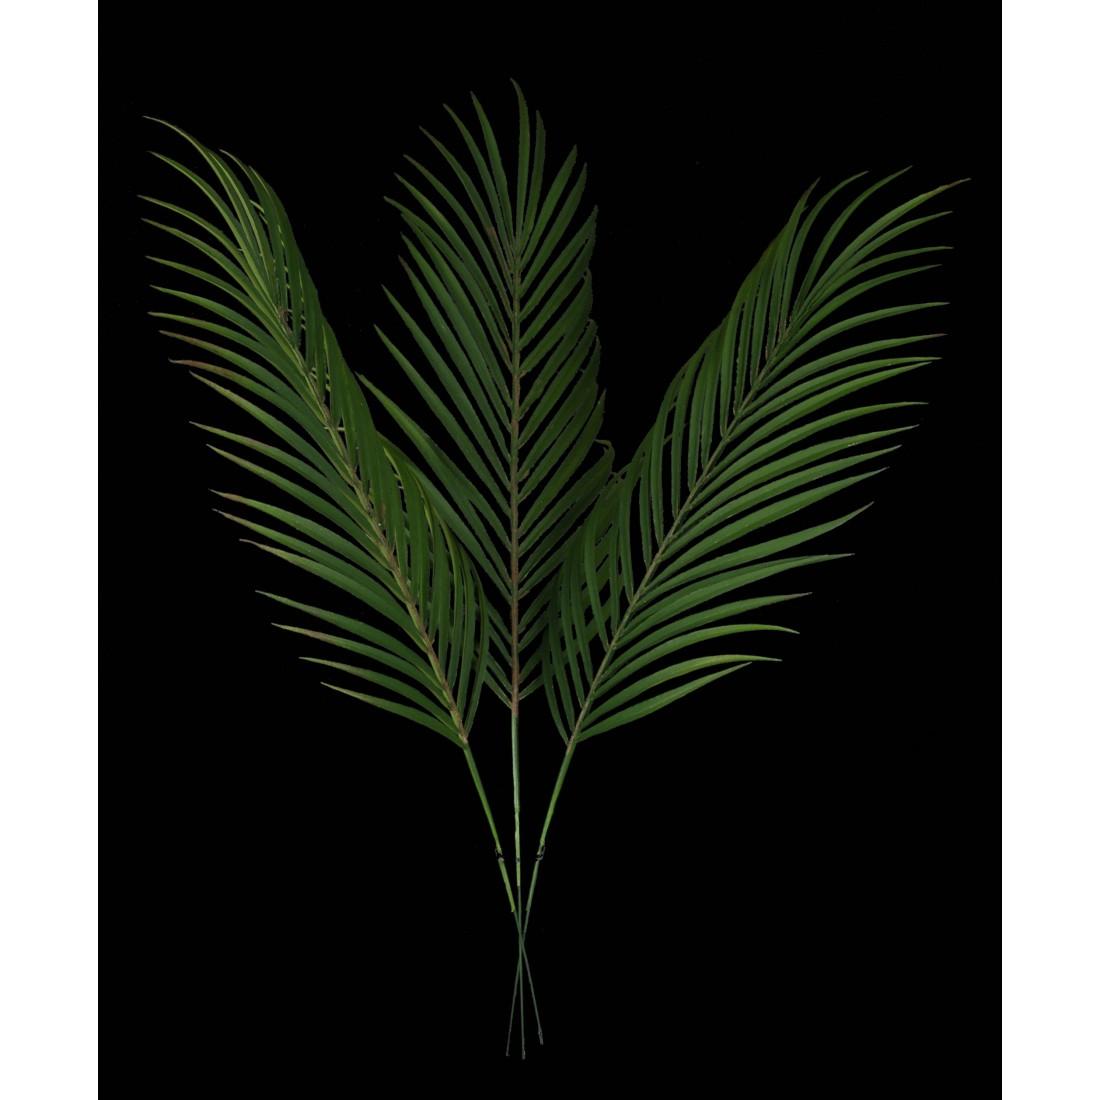 feuille de palmier artificiel areca x 3 plast 56 cm feuillages artificiels reflets nature lyon. Black Bedroom Furniture Sets. Home Design Ideas